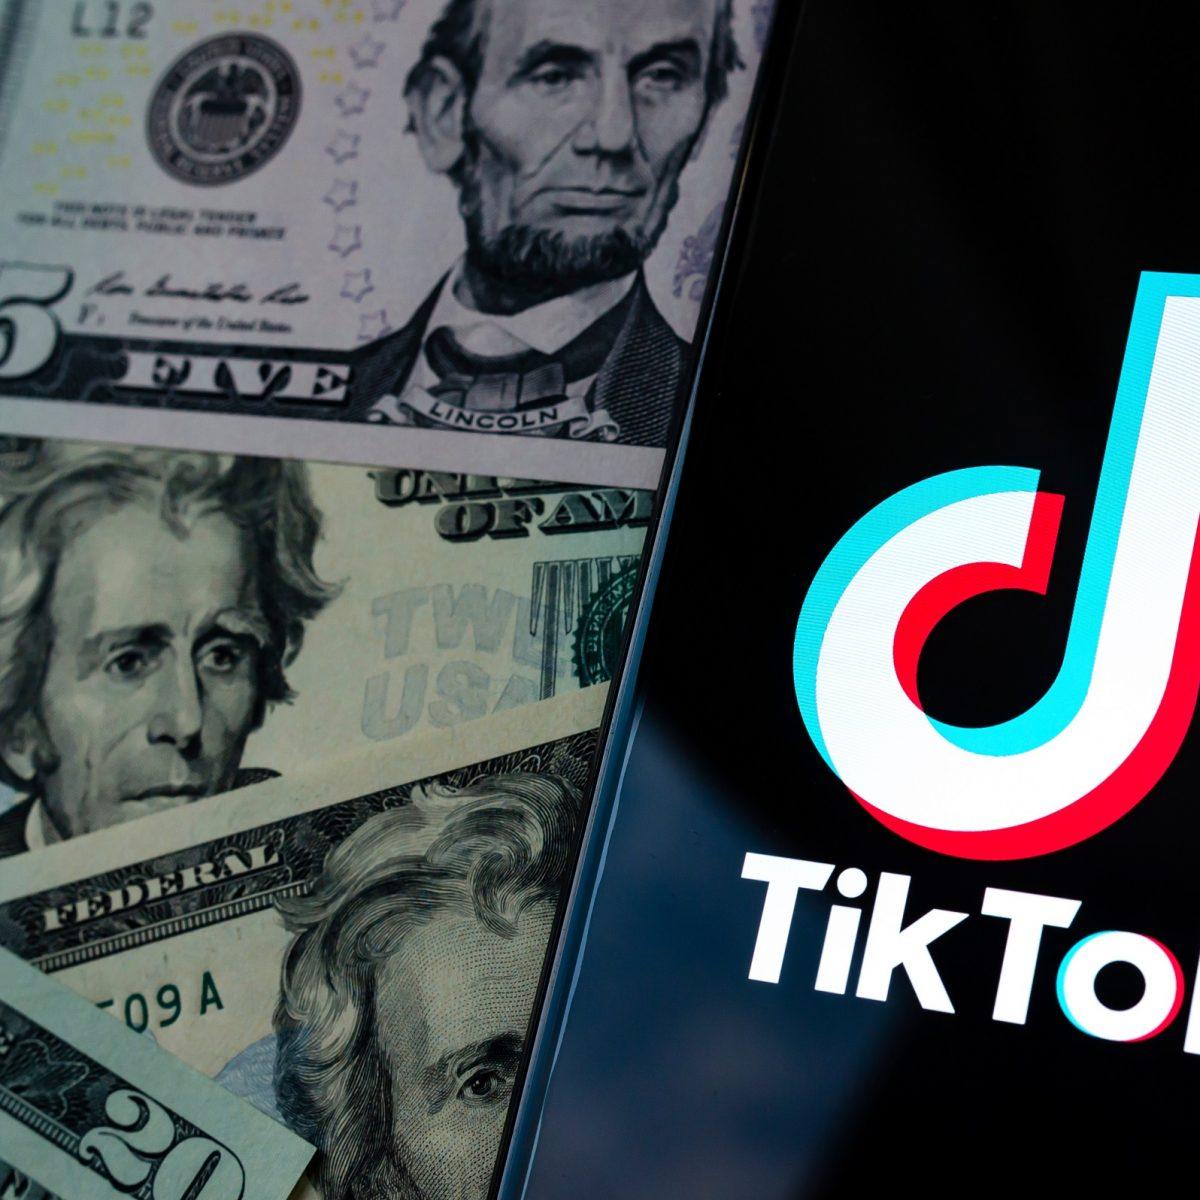 TikTok $200 million for US TikTokers